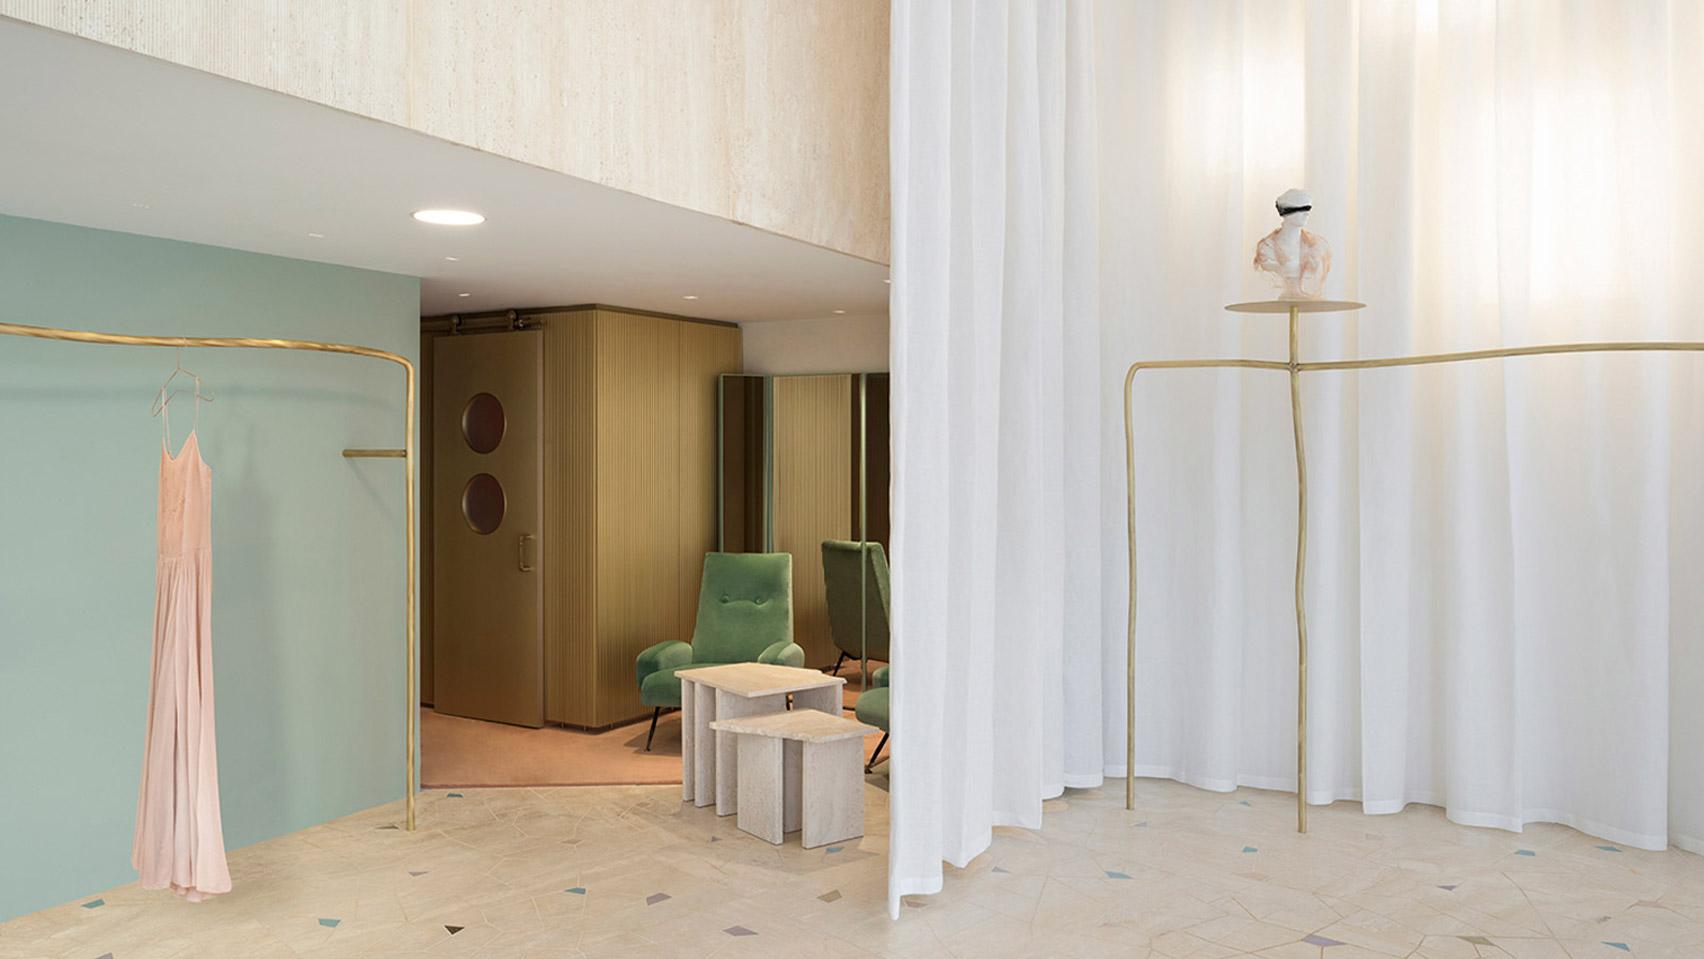 Dezeen's top shop interiors of 2018: Forte Forte by Robert Vattilana